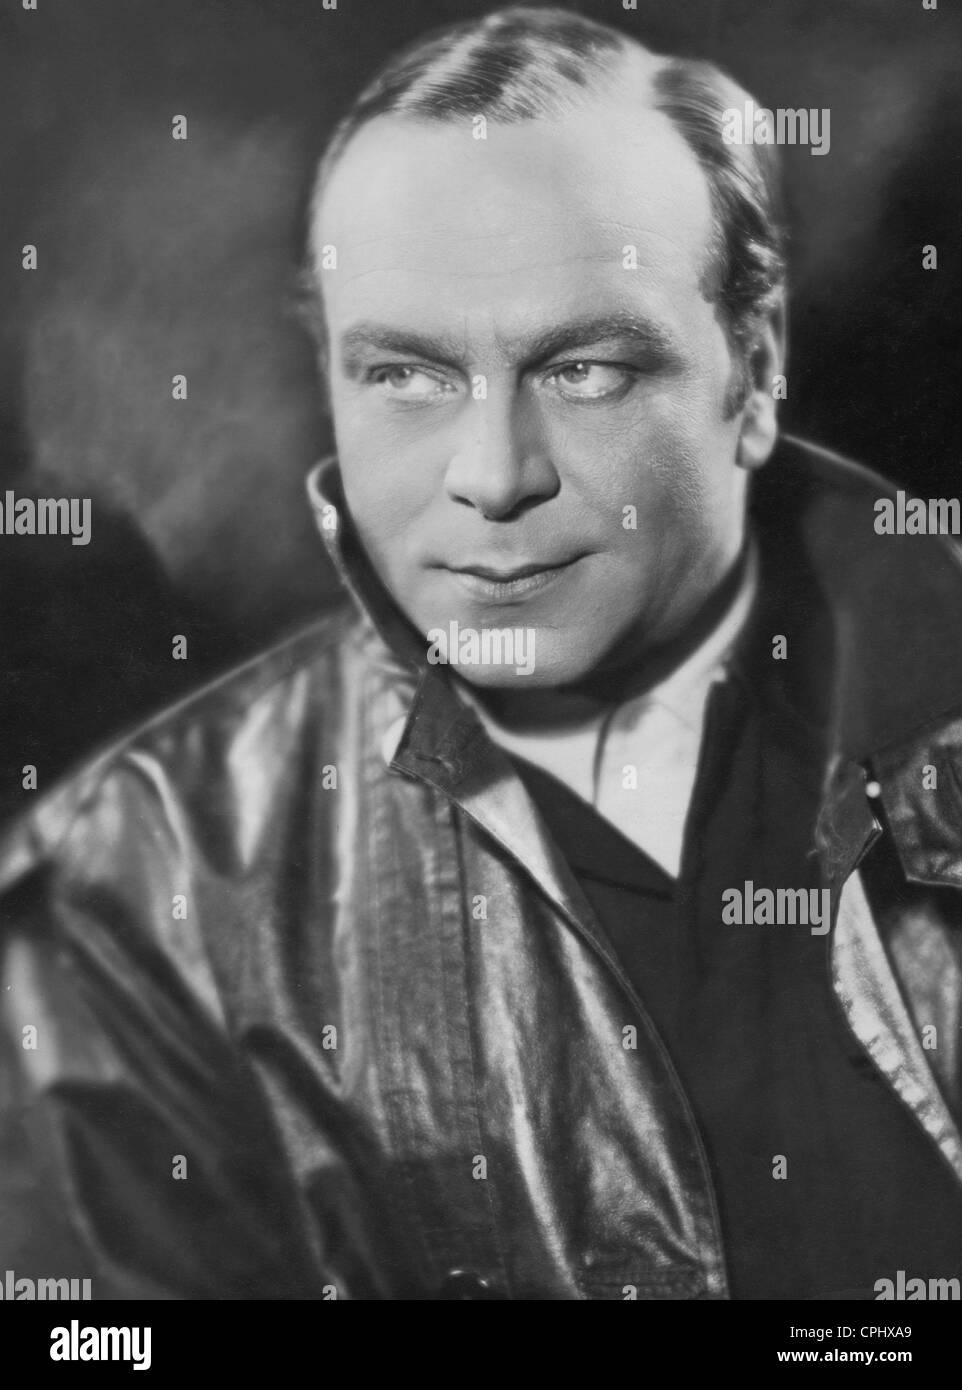 Paul Hartmann in 'F.P.1 antwortet nicht', 1932 - Stock Image